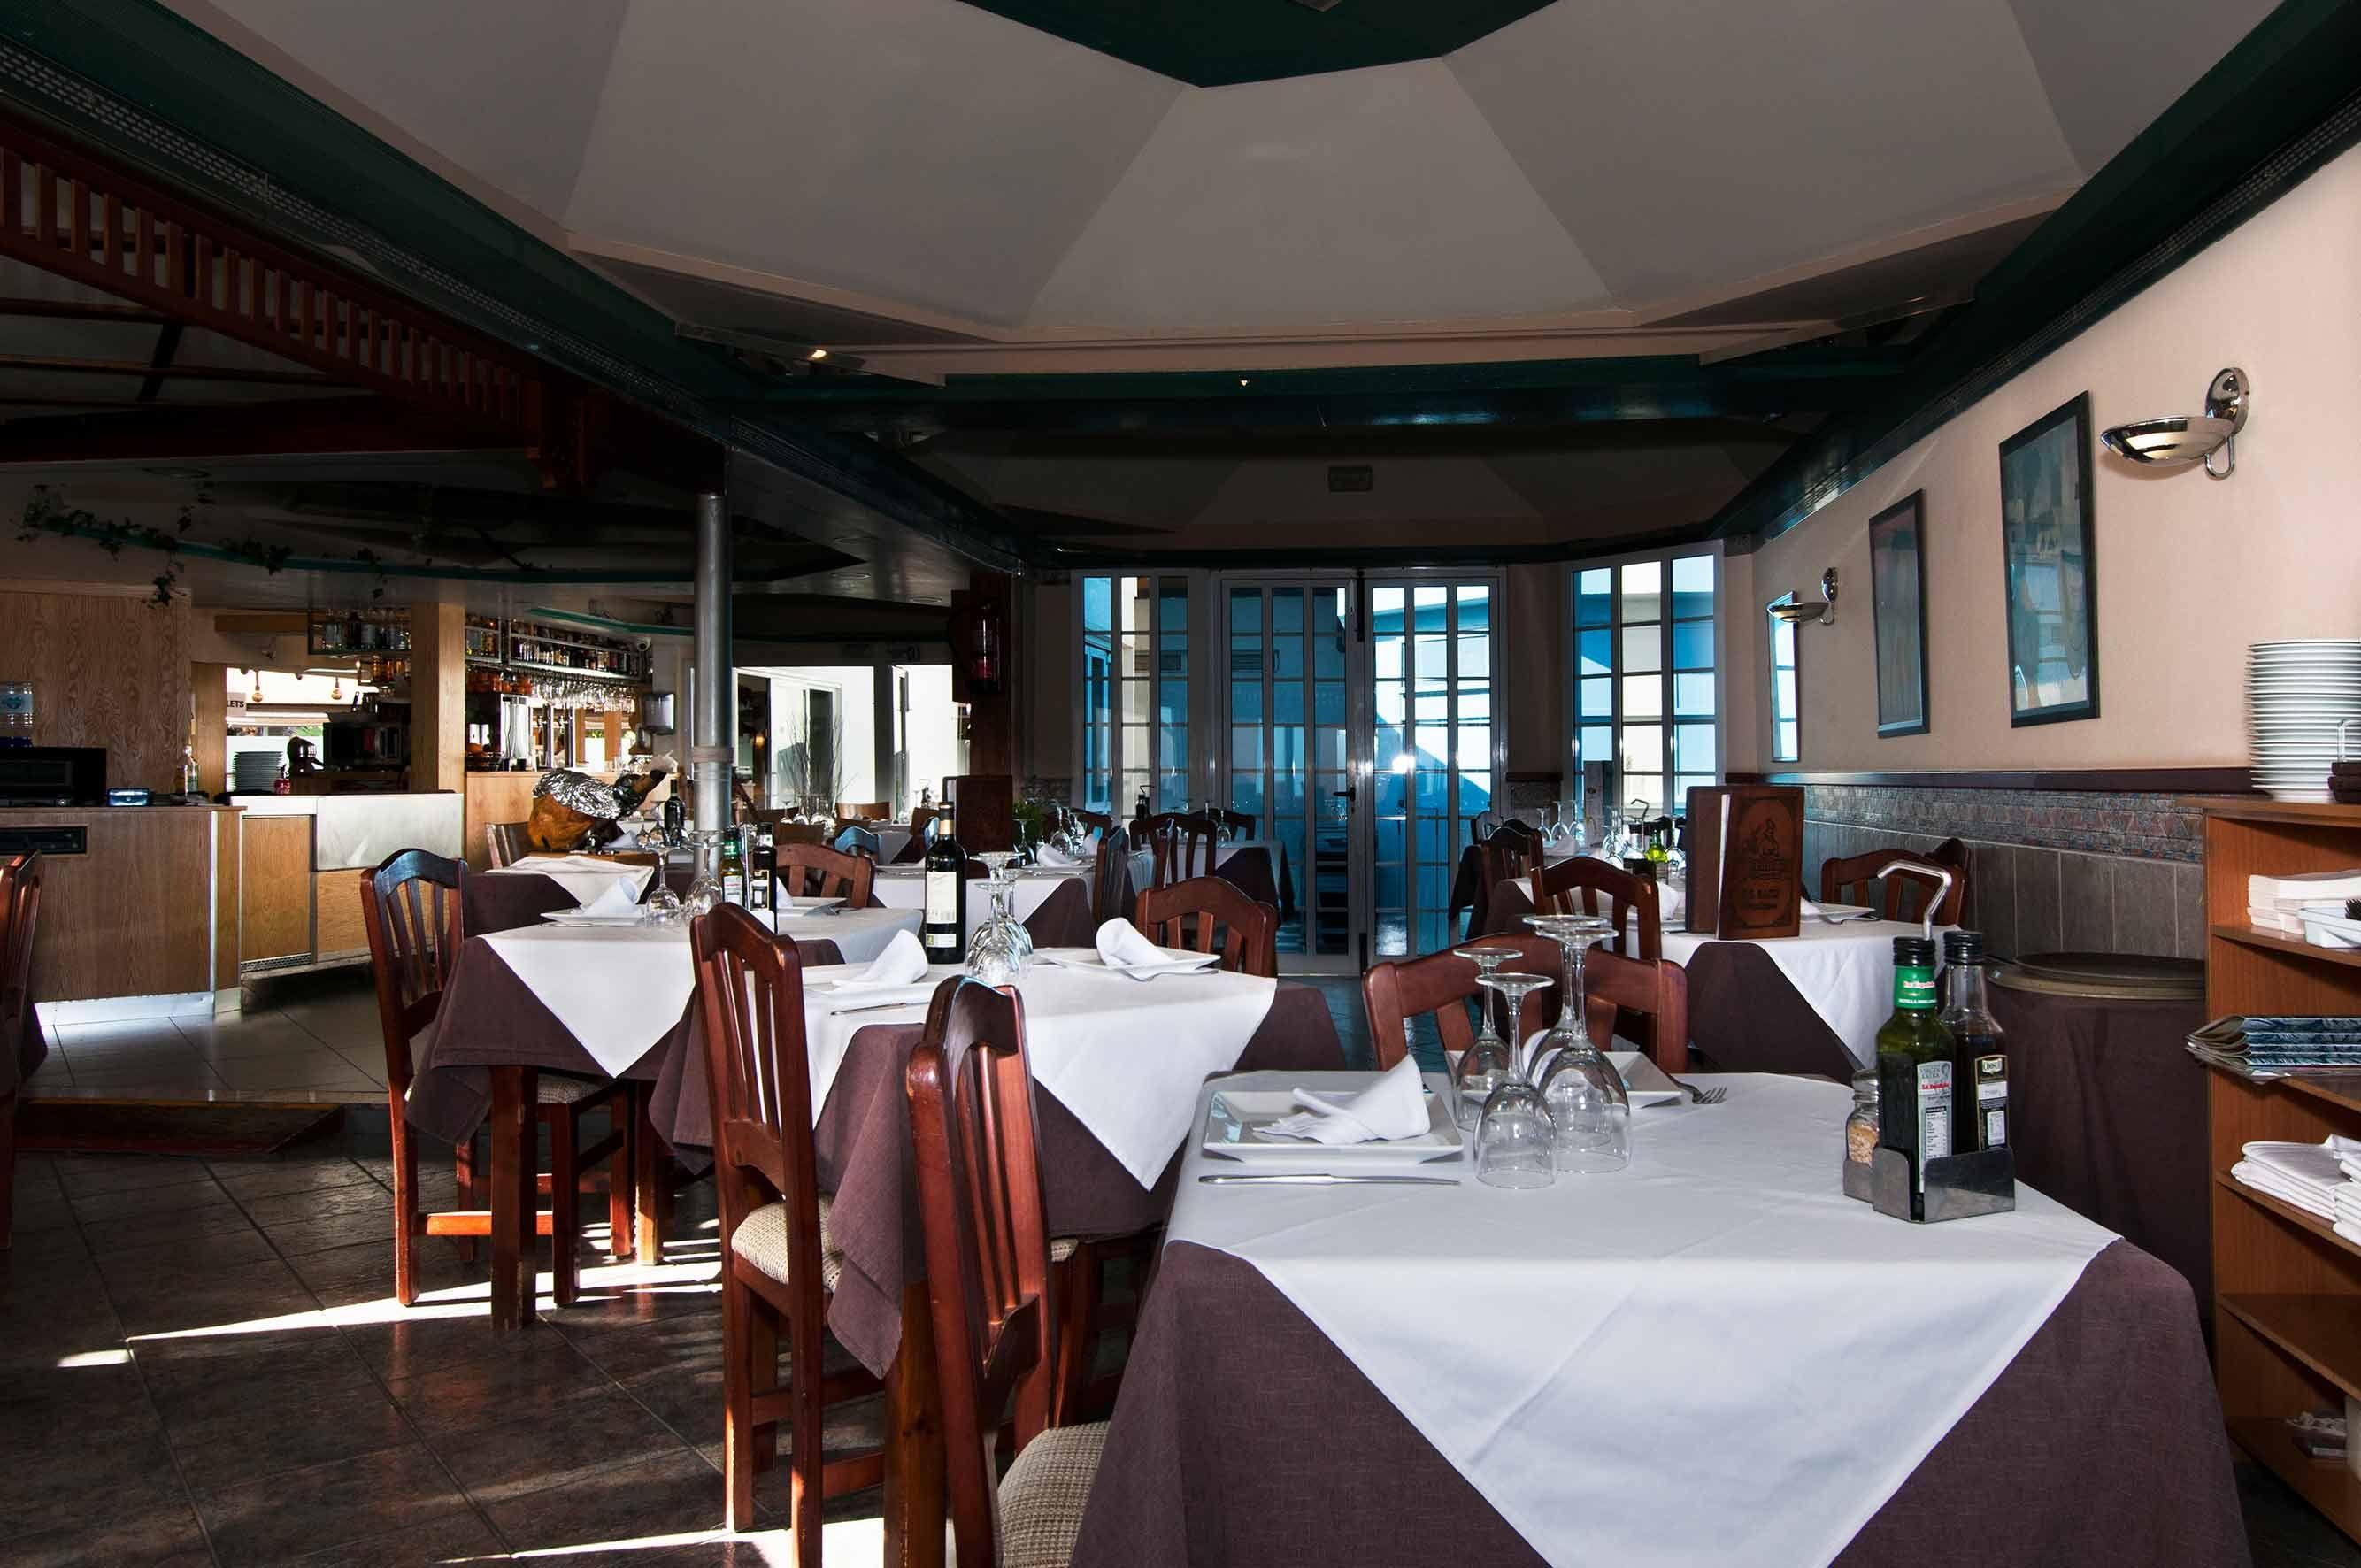 Foto 8 de International kitchen en Maspalomas | Restaurante Escaleritas